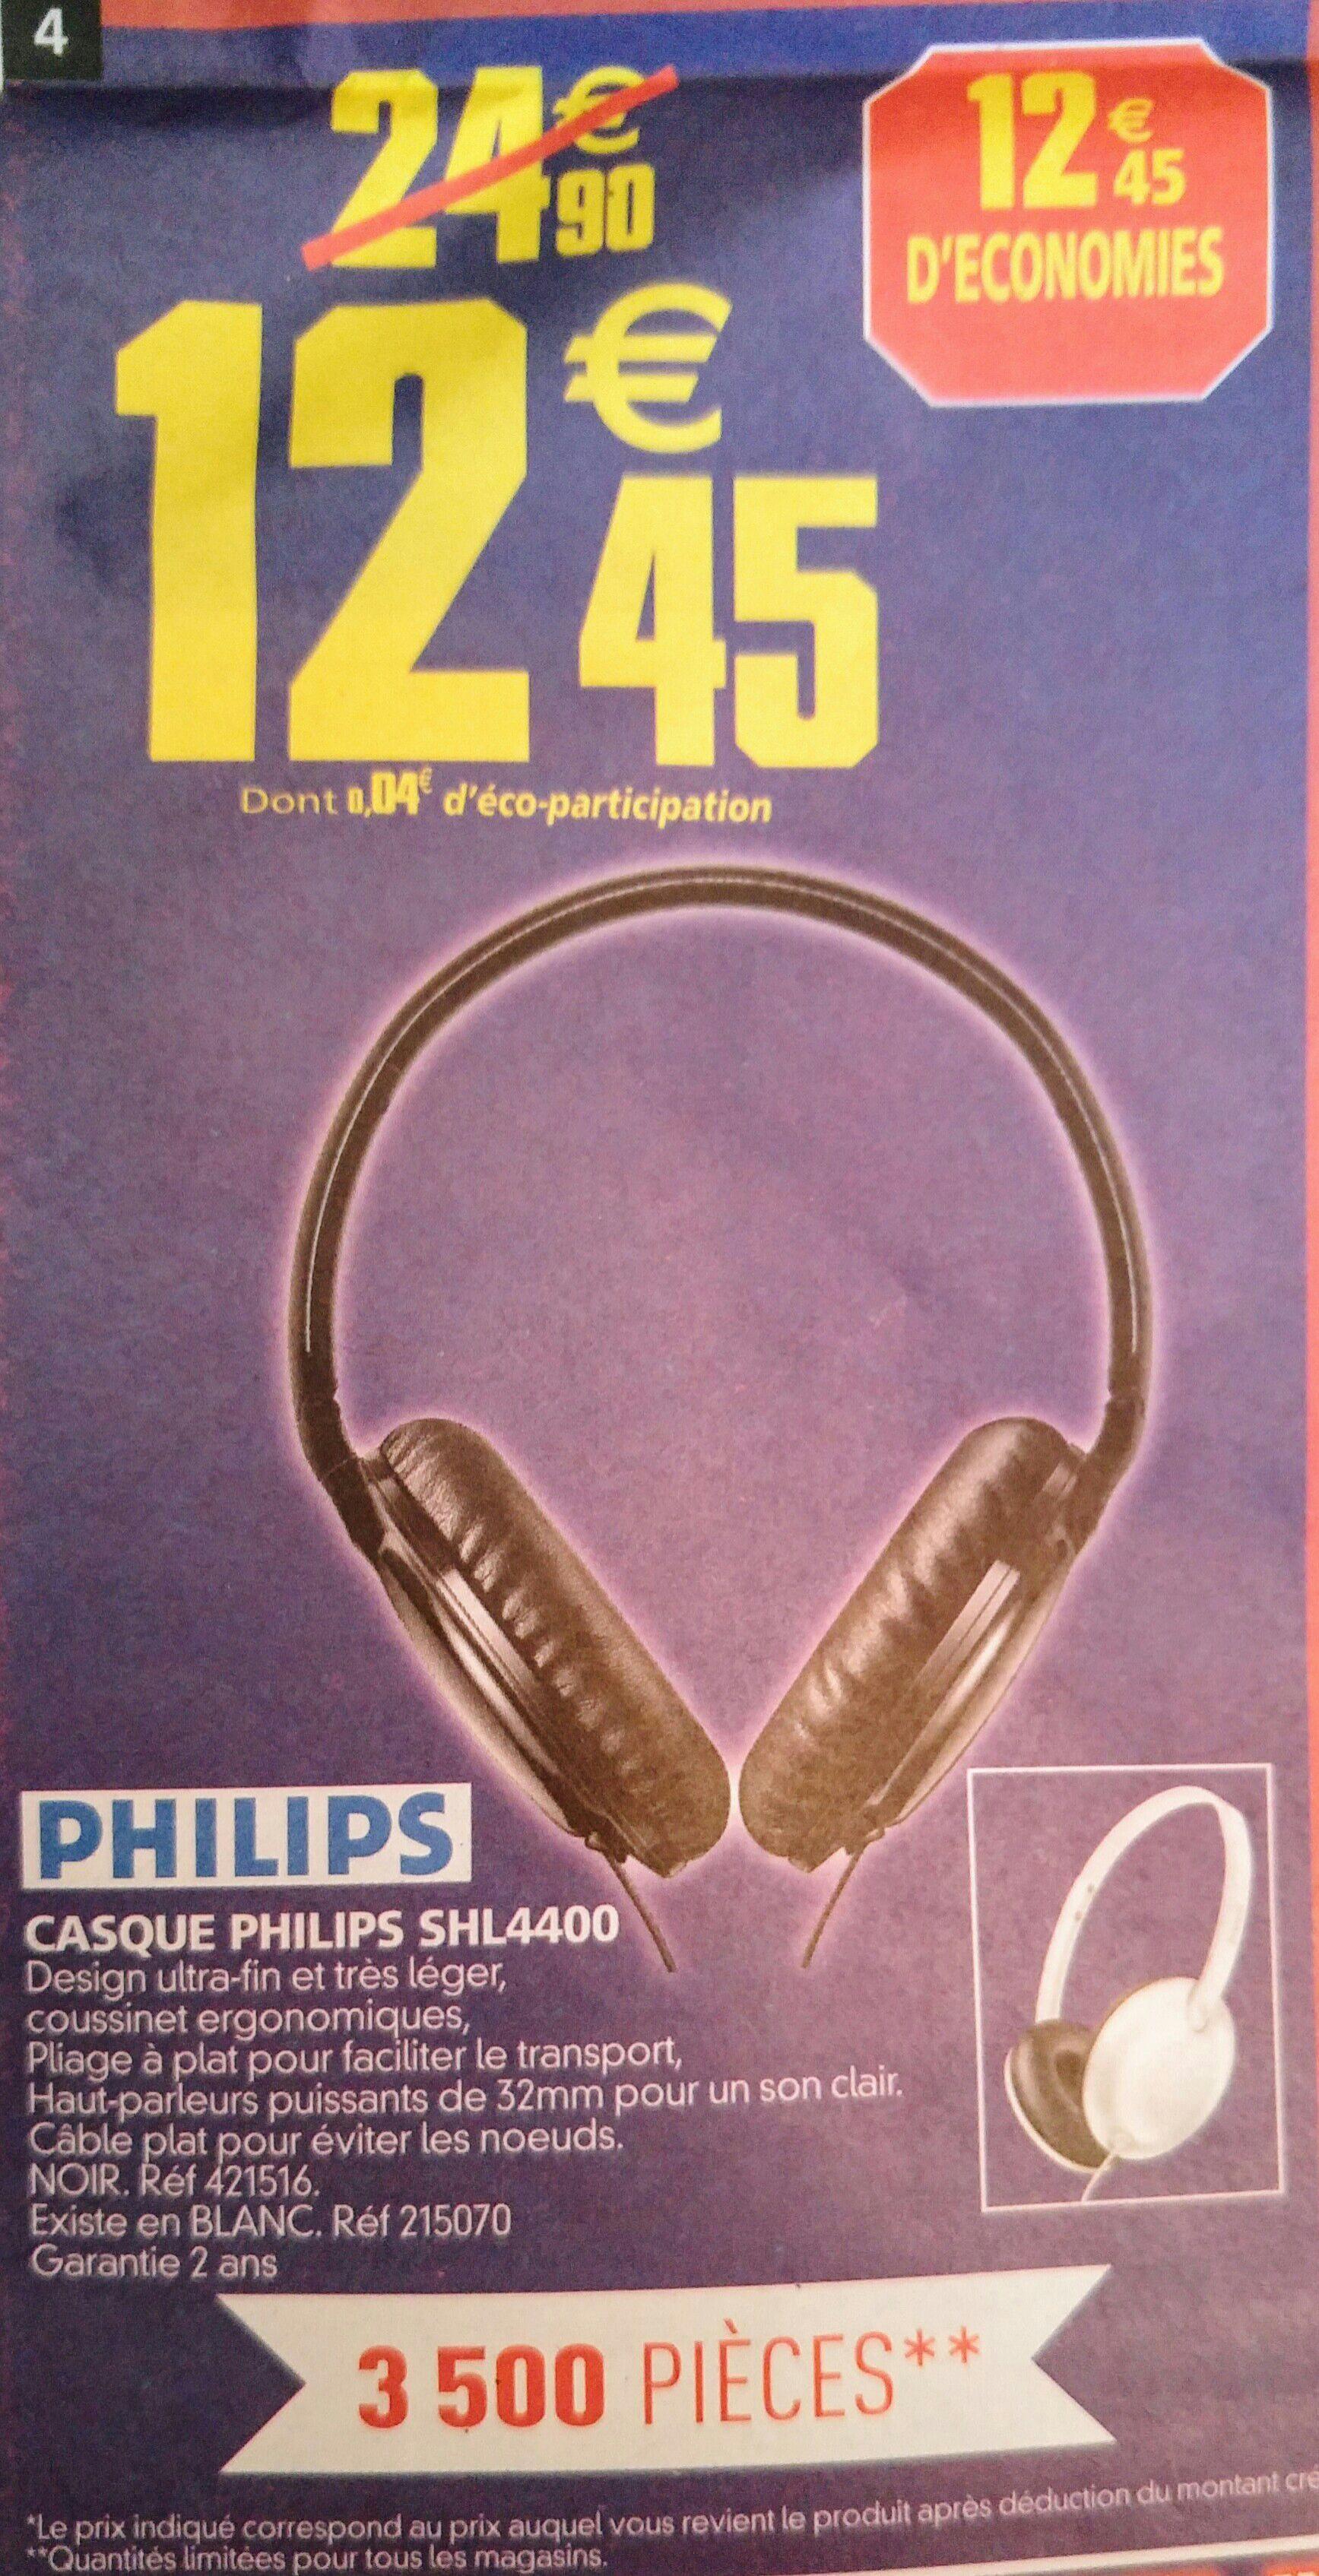 Casque Audio Philips SHL4400